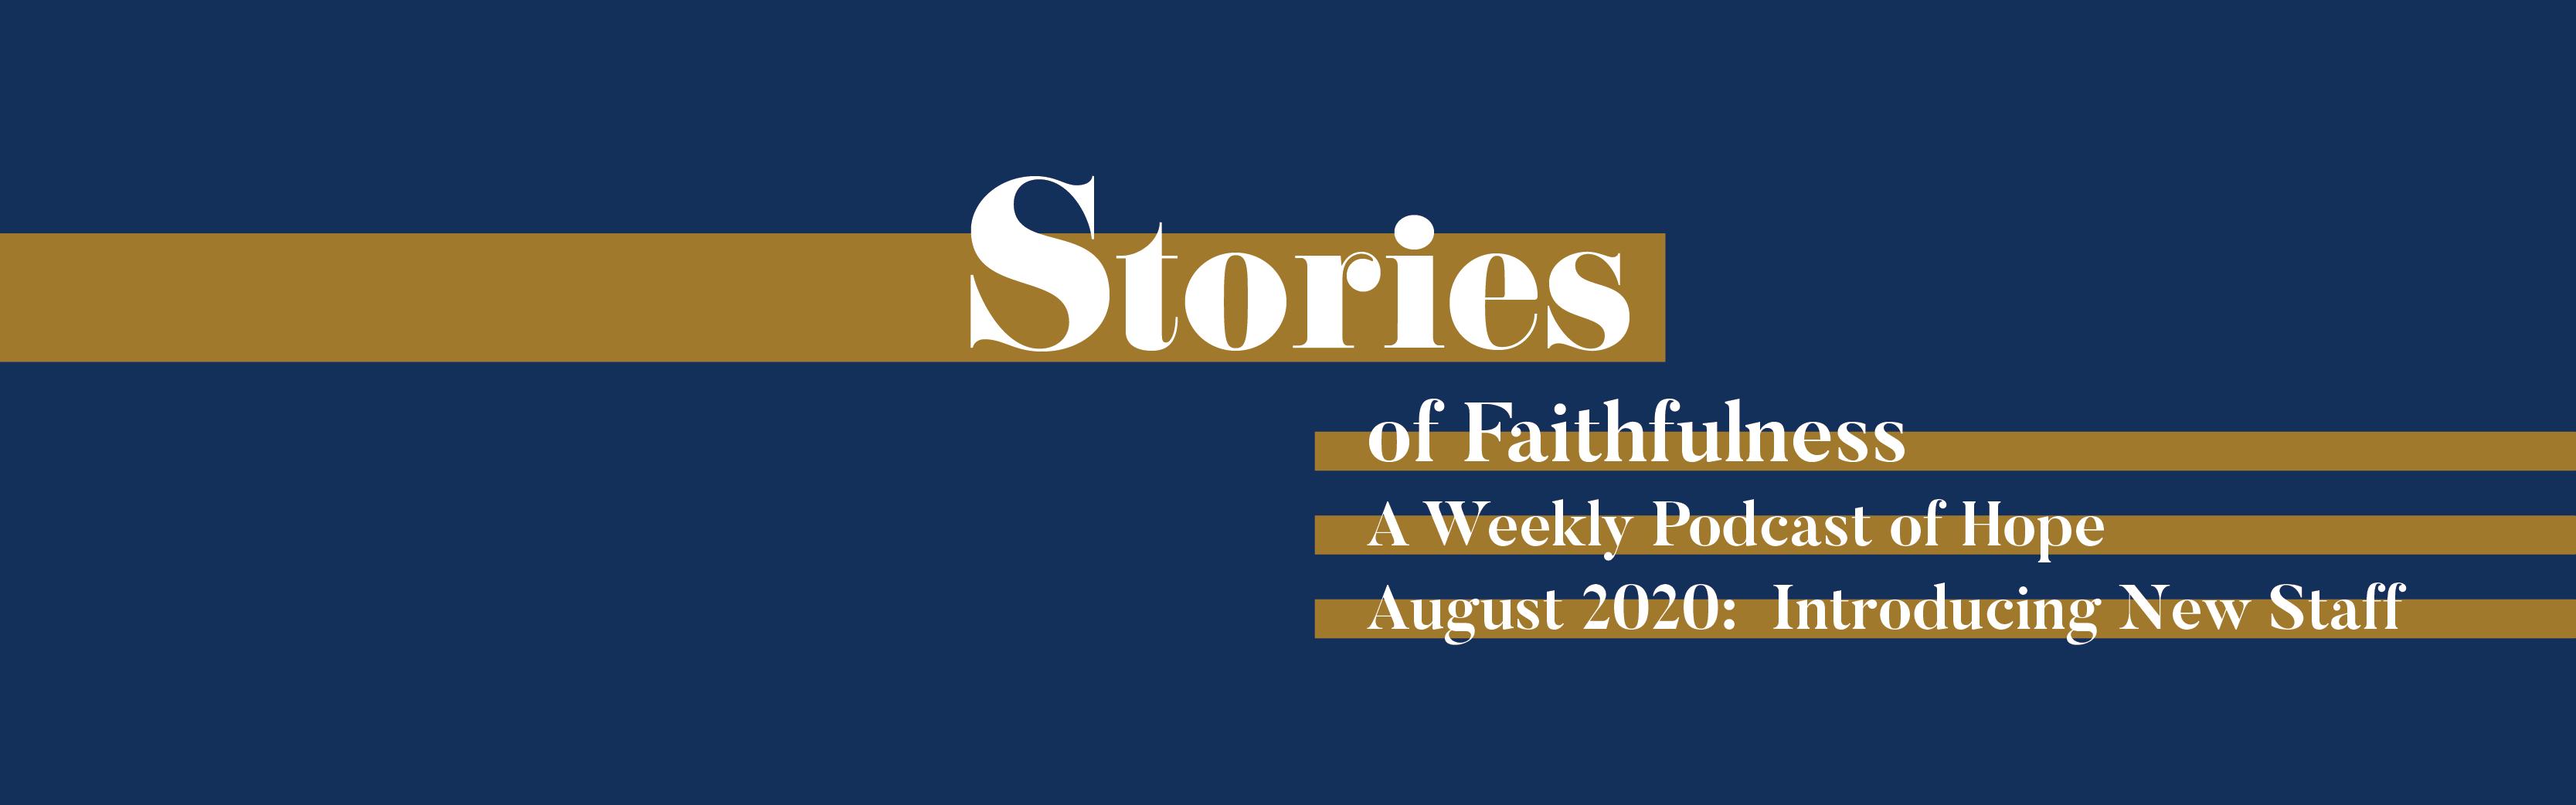 Stories of Faithfulness